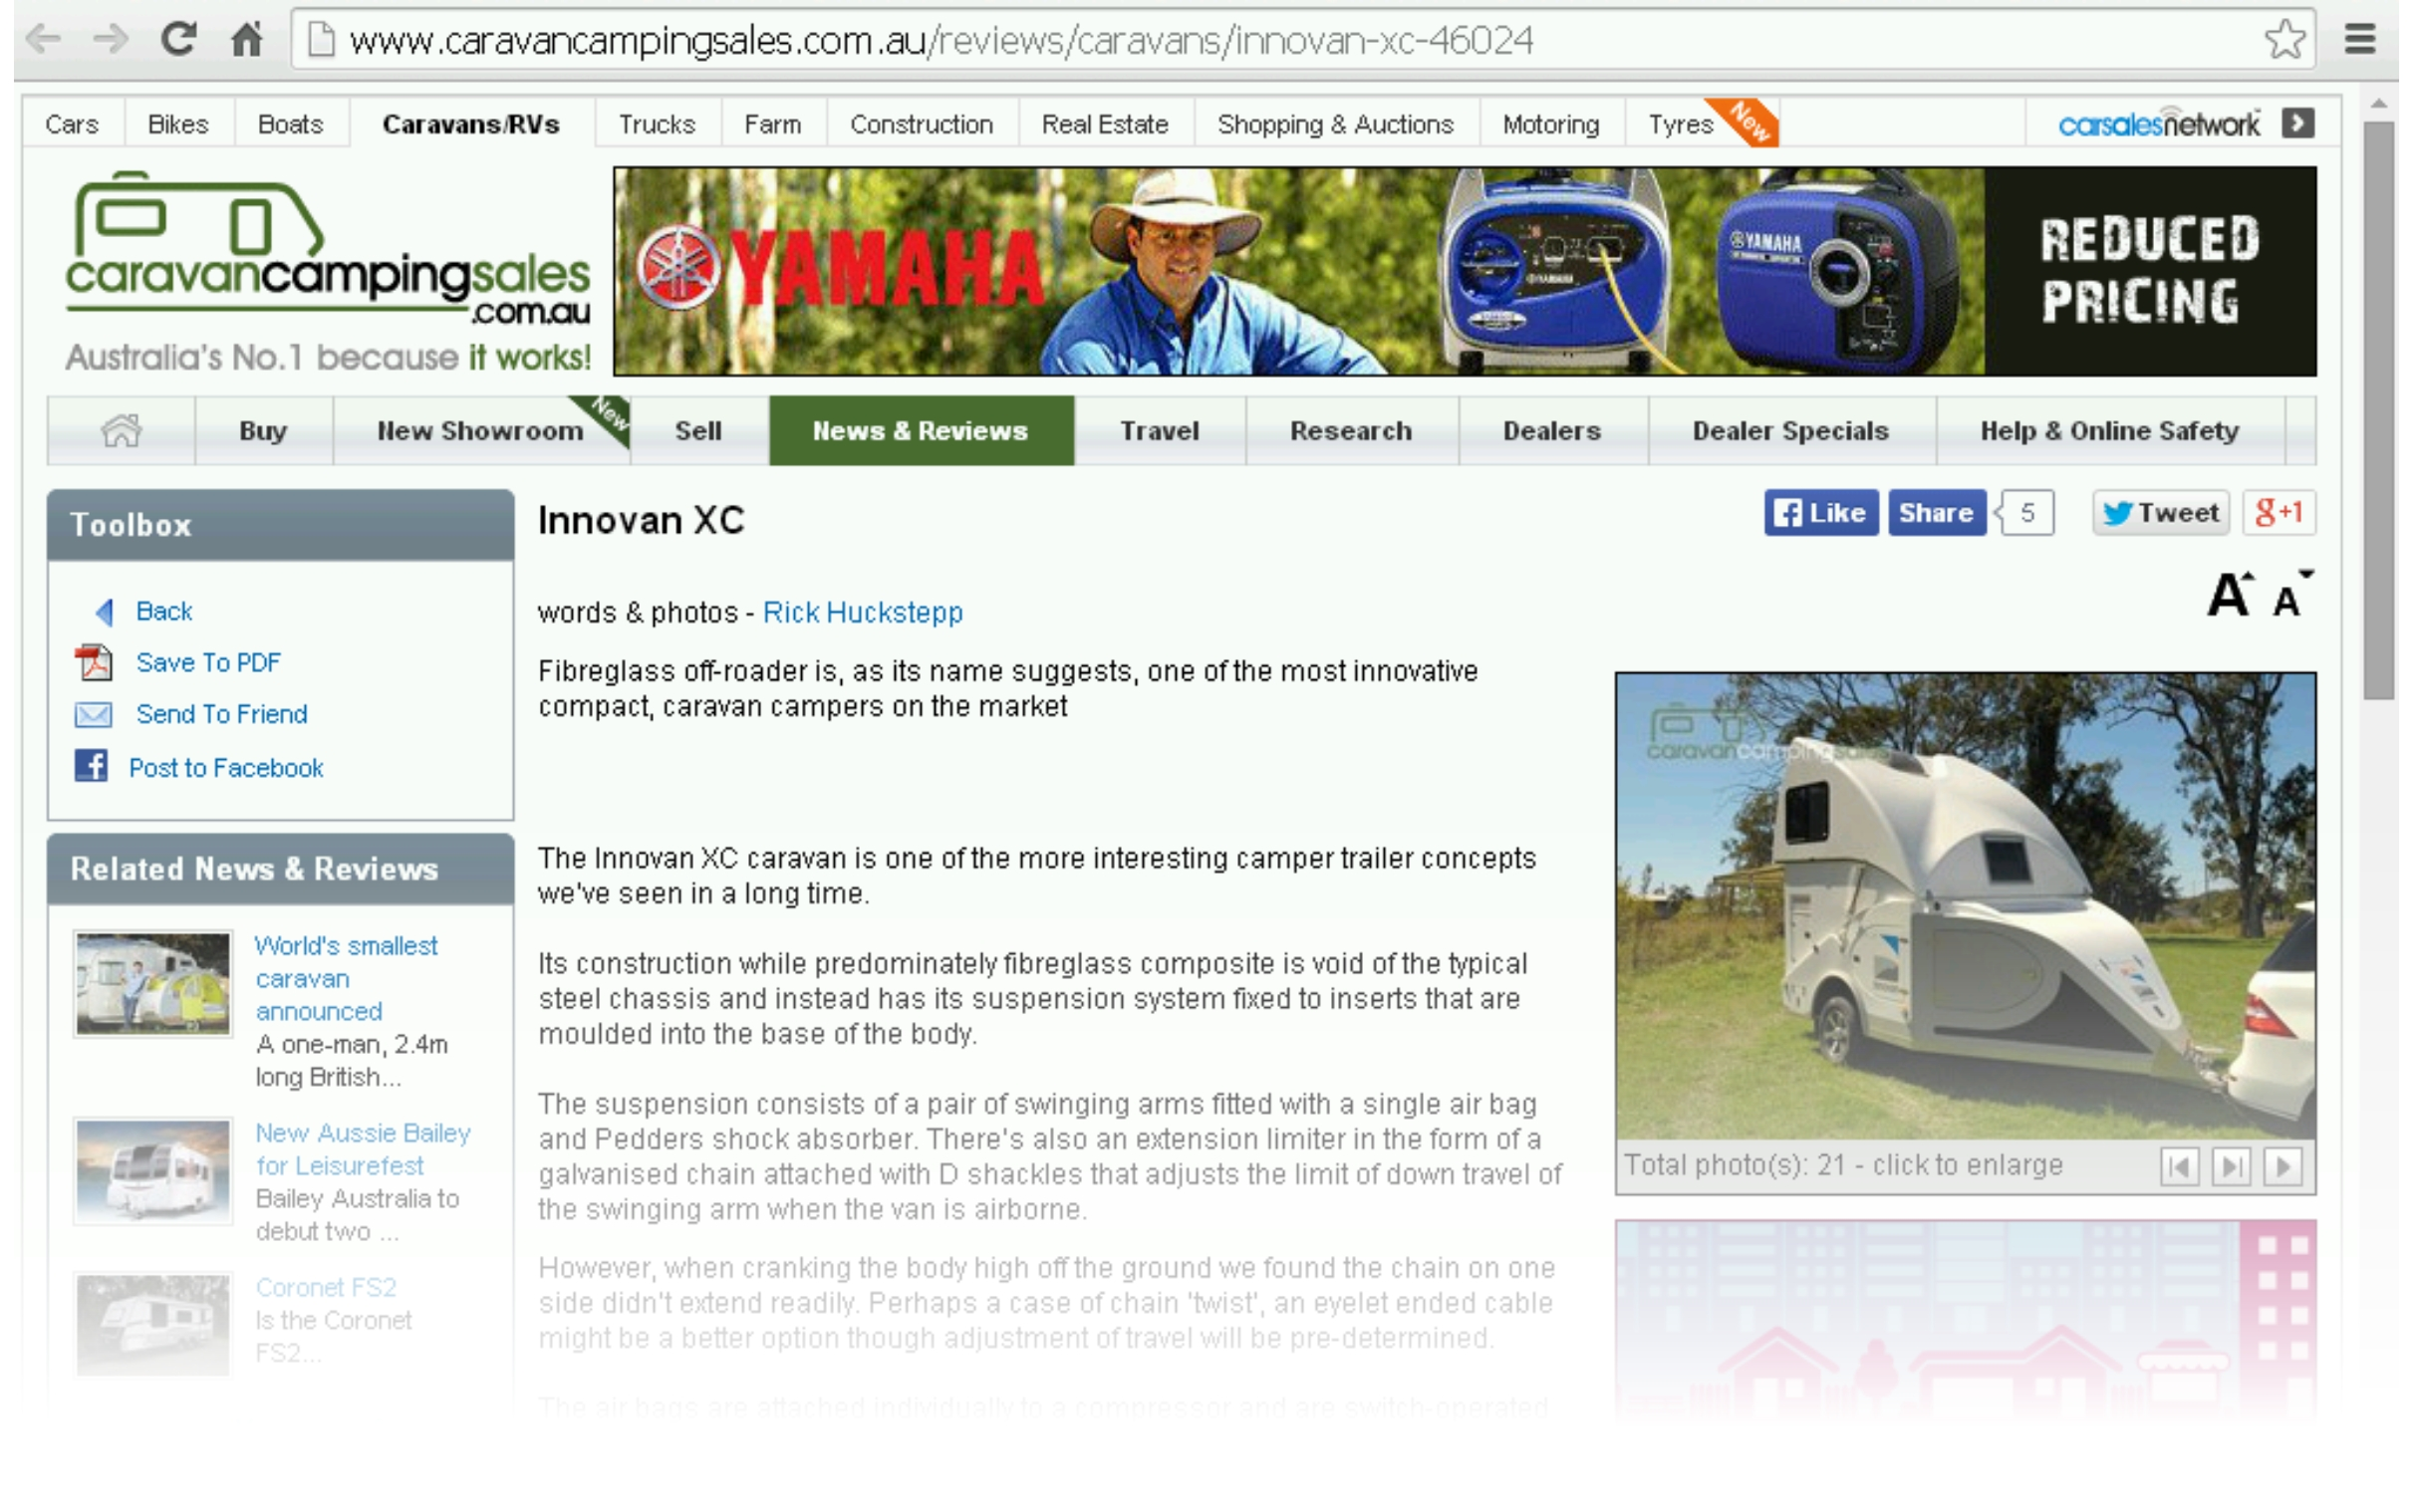 Caravan Camping Sale Review